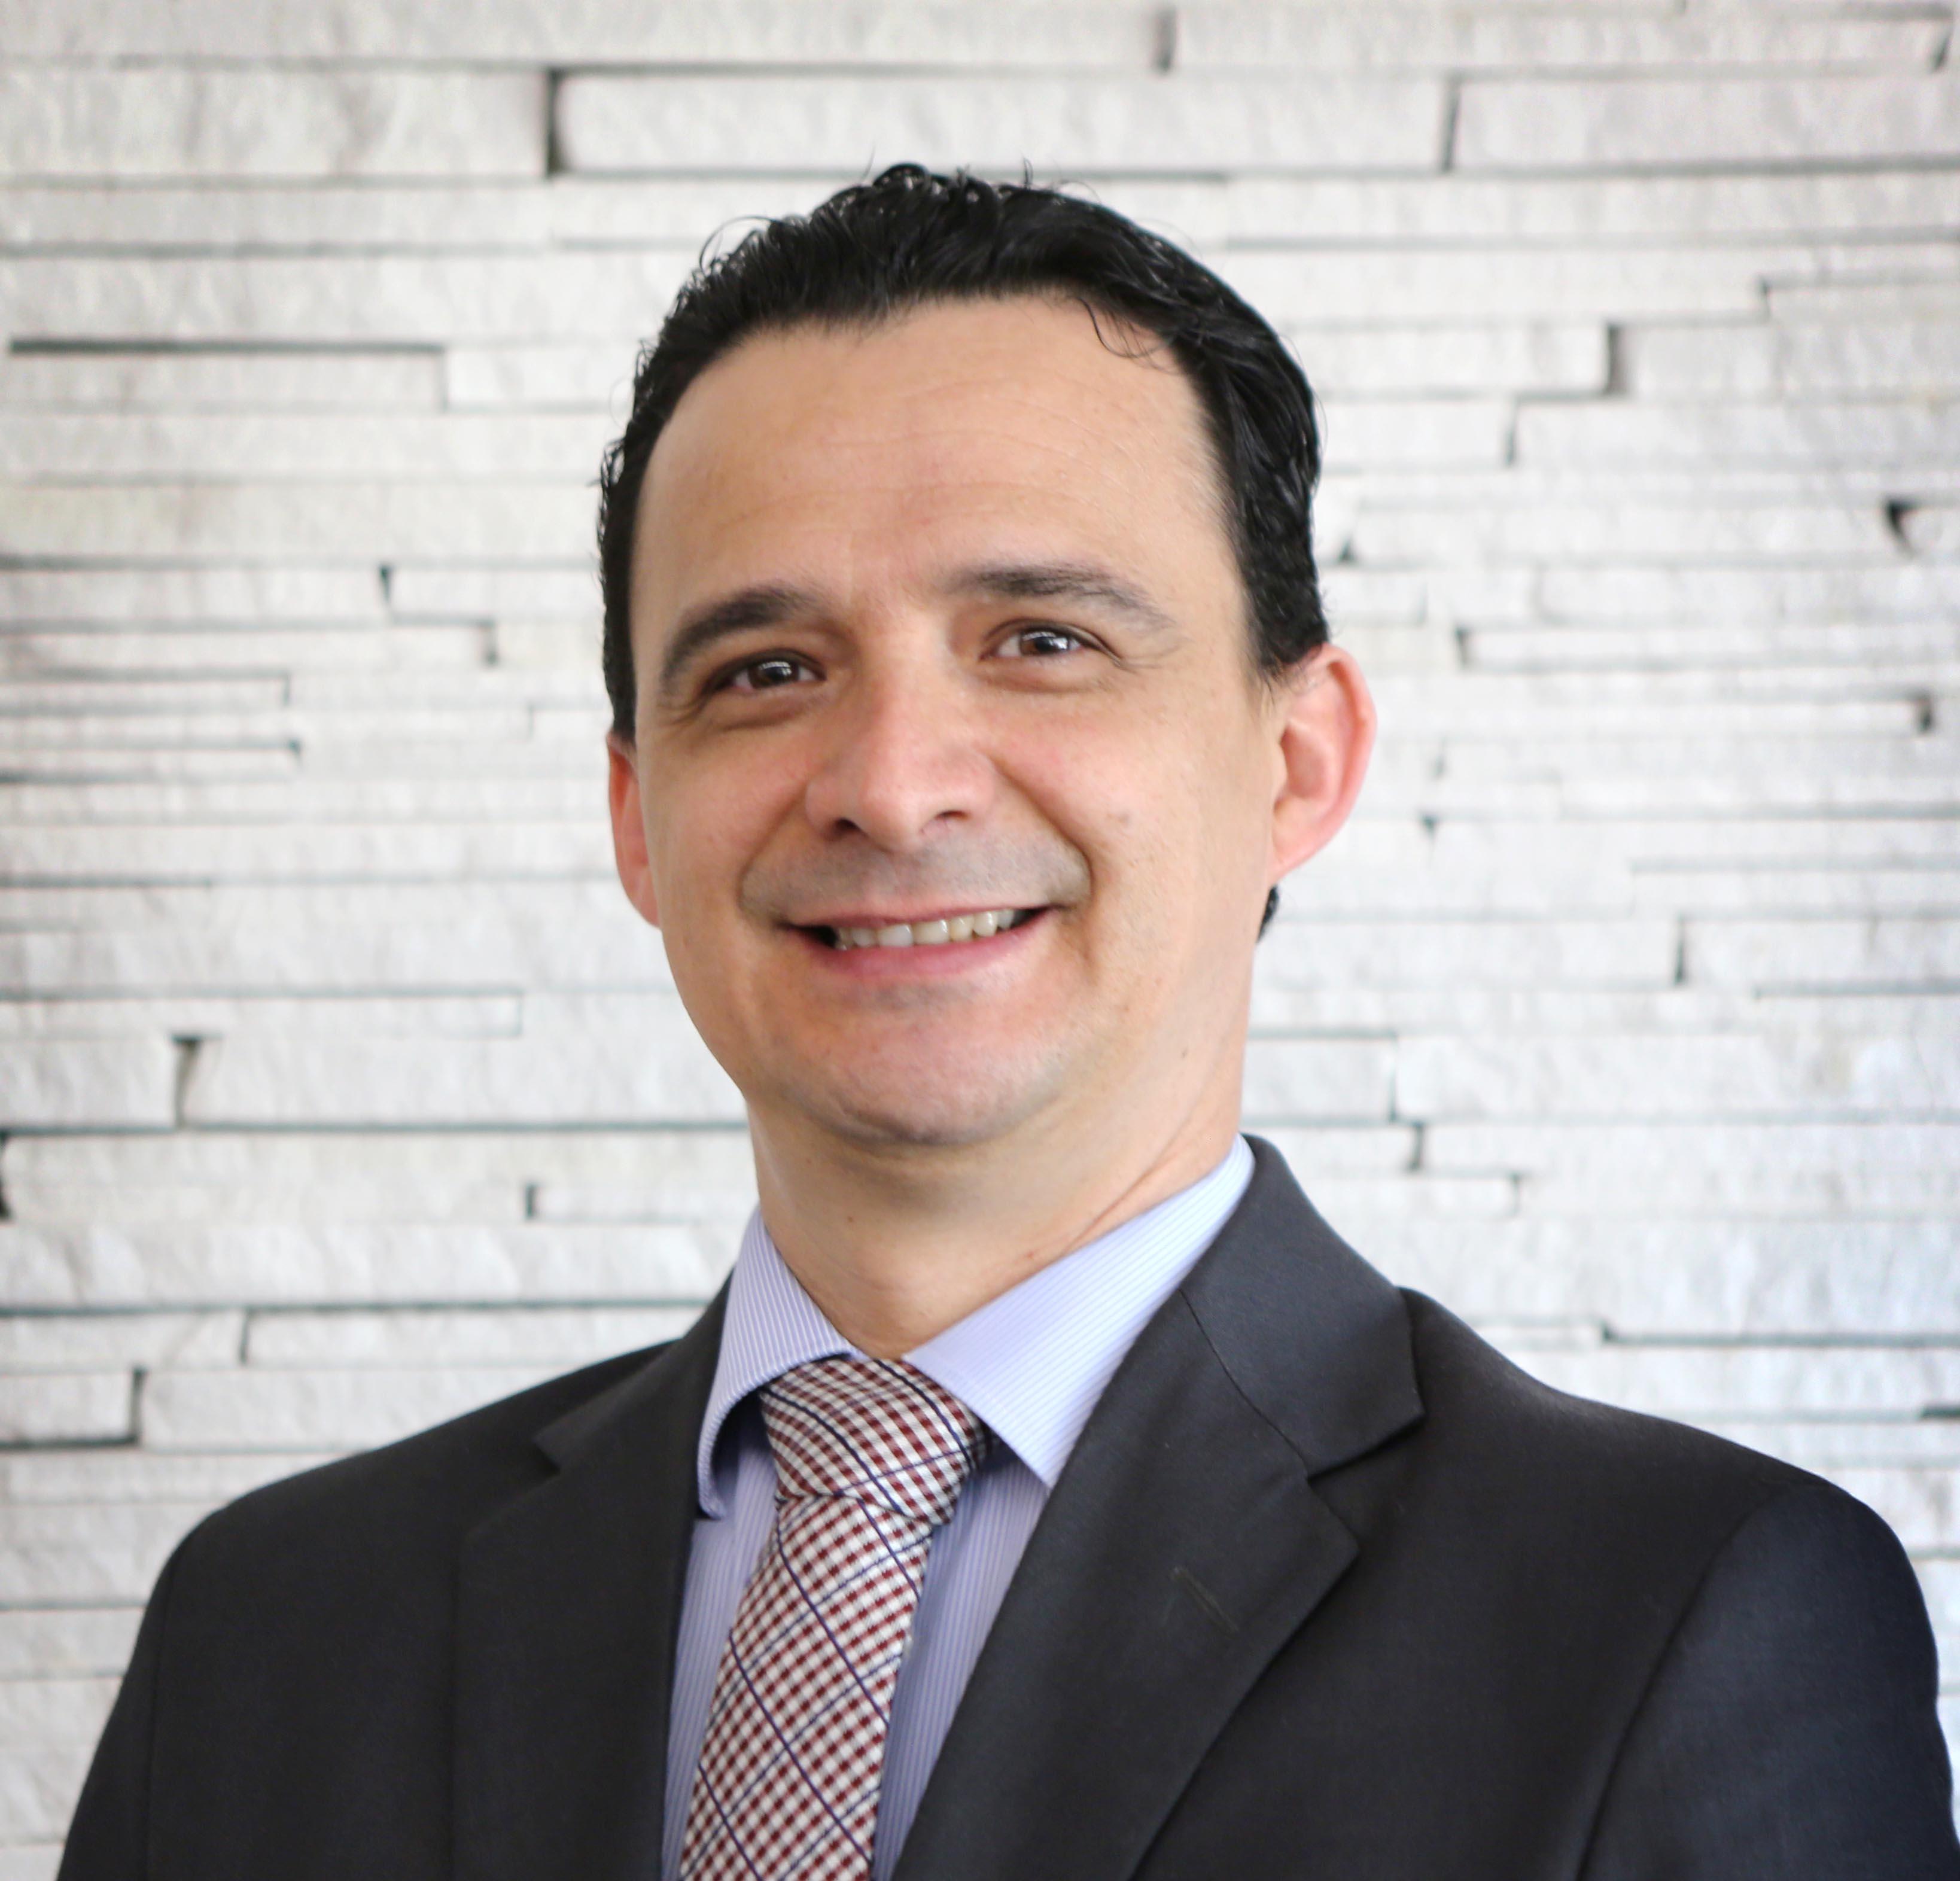 Fabio-Correa-Tratada-1